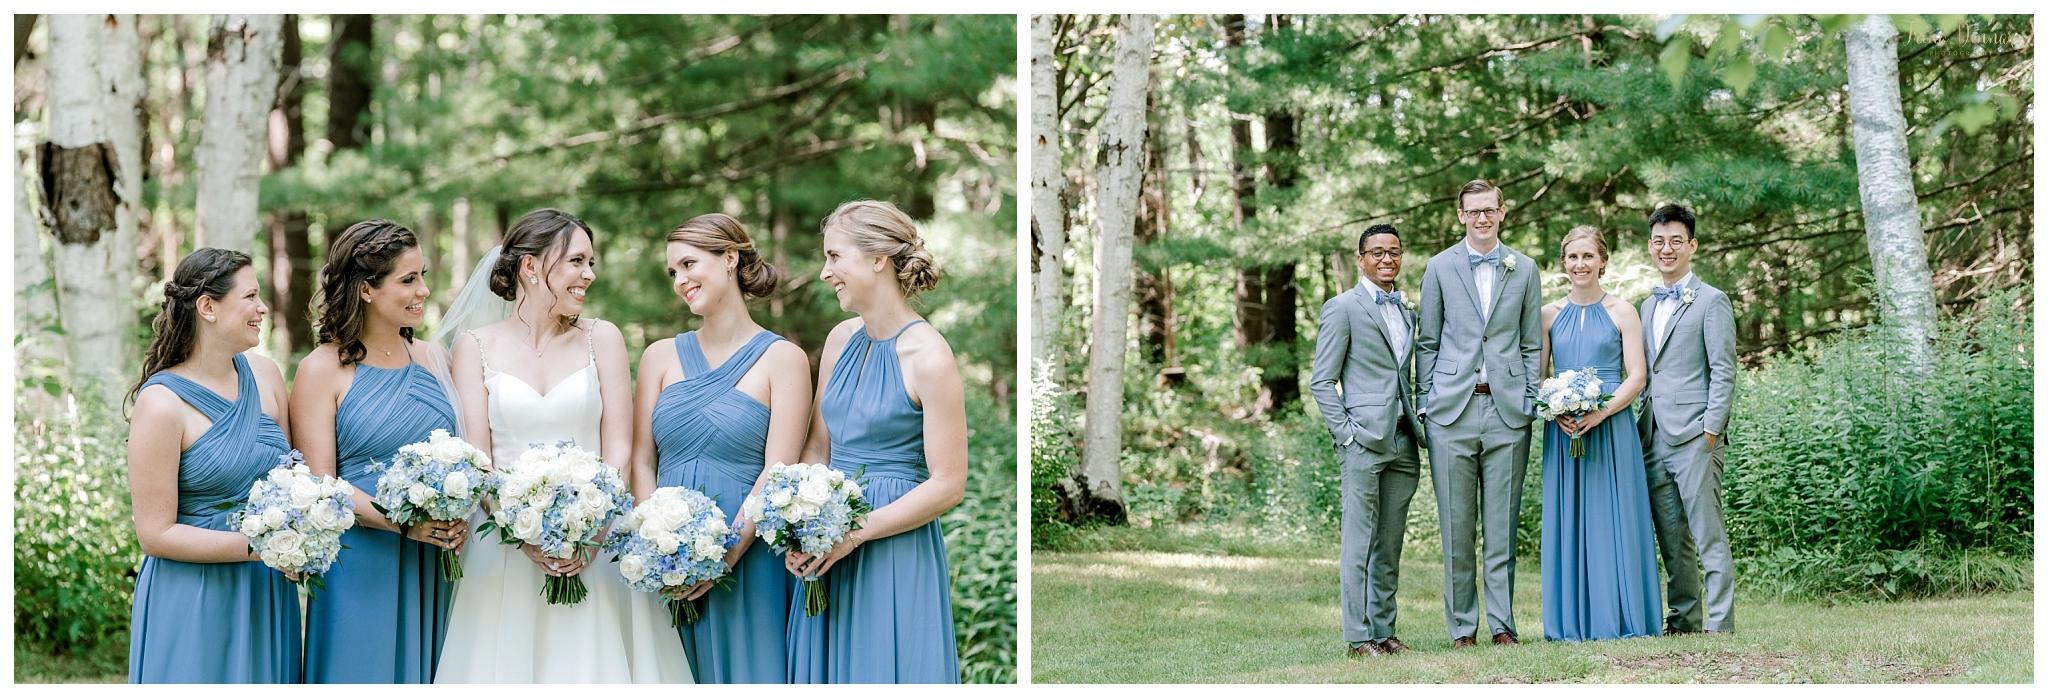 Dusty Blue Grey Wedding Party Attire